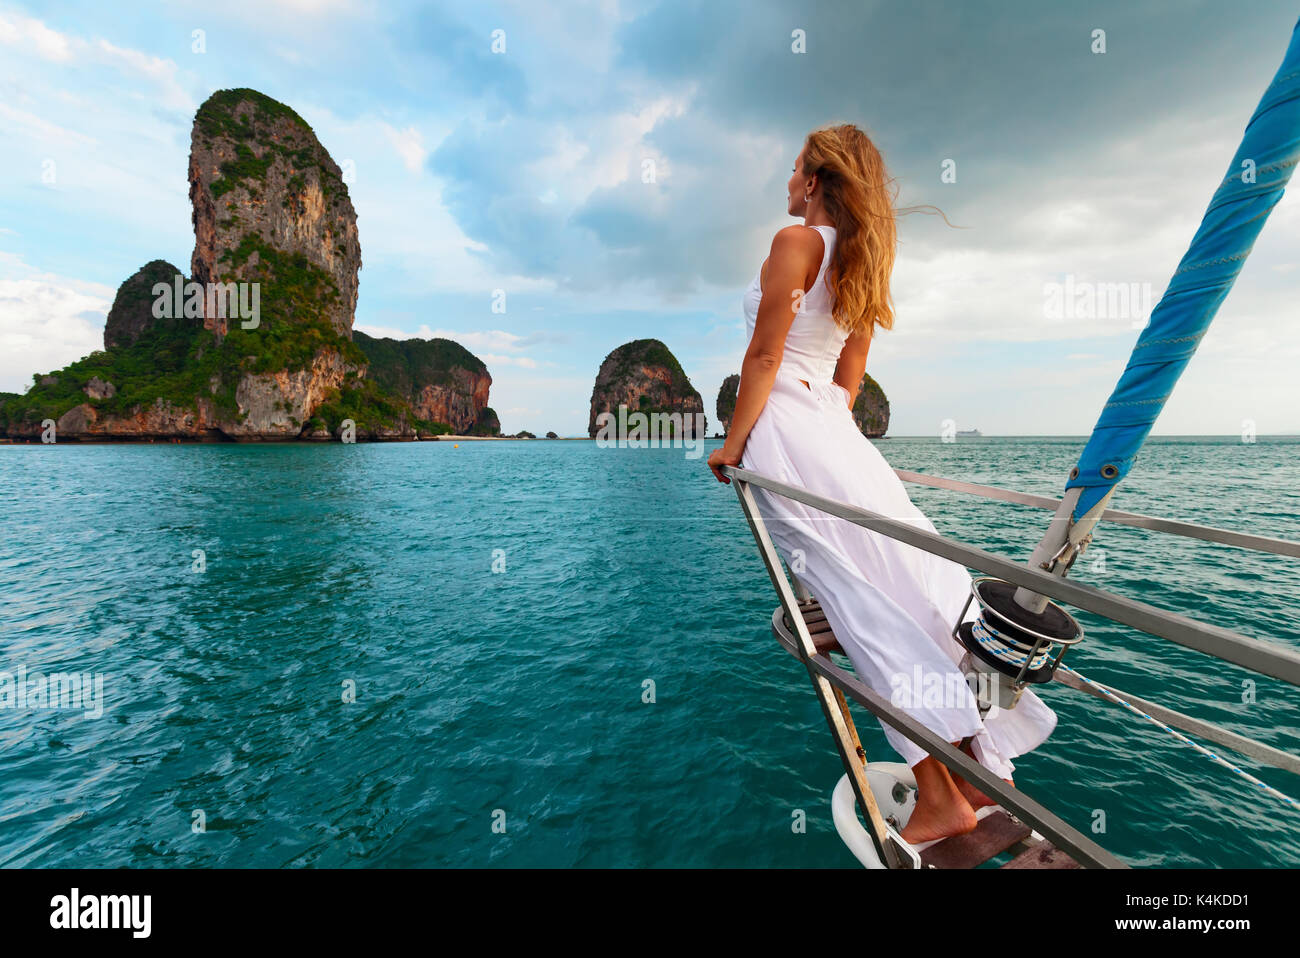 Retrato de mujer joven alegre niña alegre a bordo del velero de divertirse descubriendo islas en el mar tropical en verano de crucero costero. Imagen De Stock